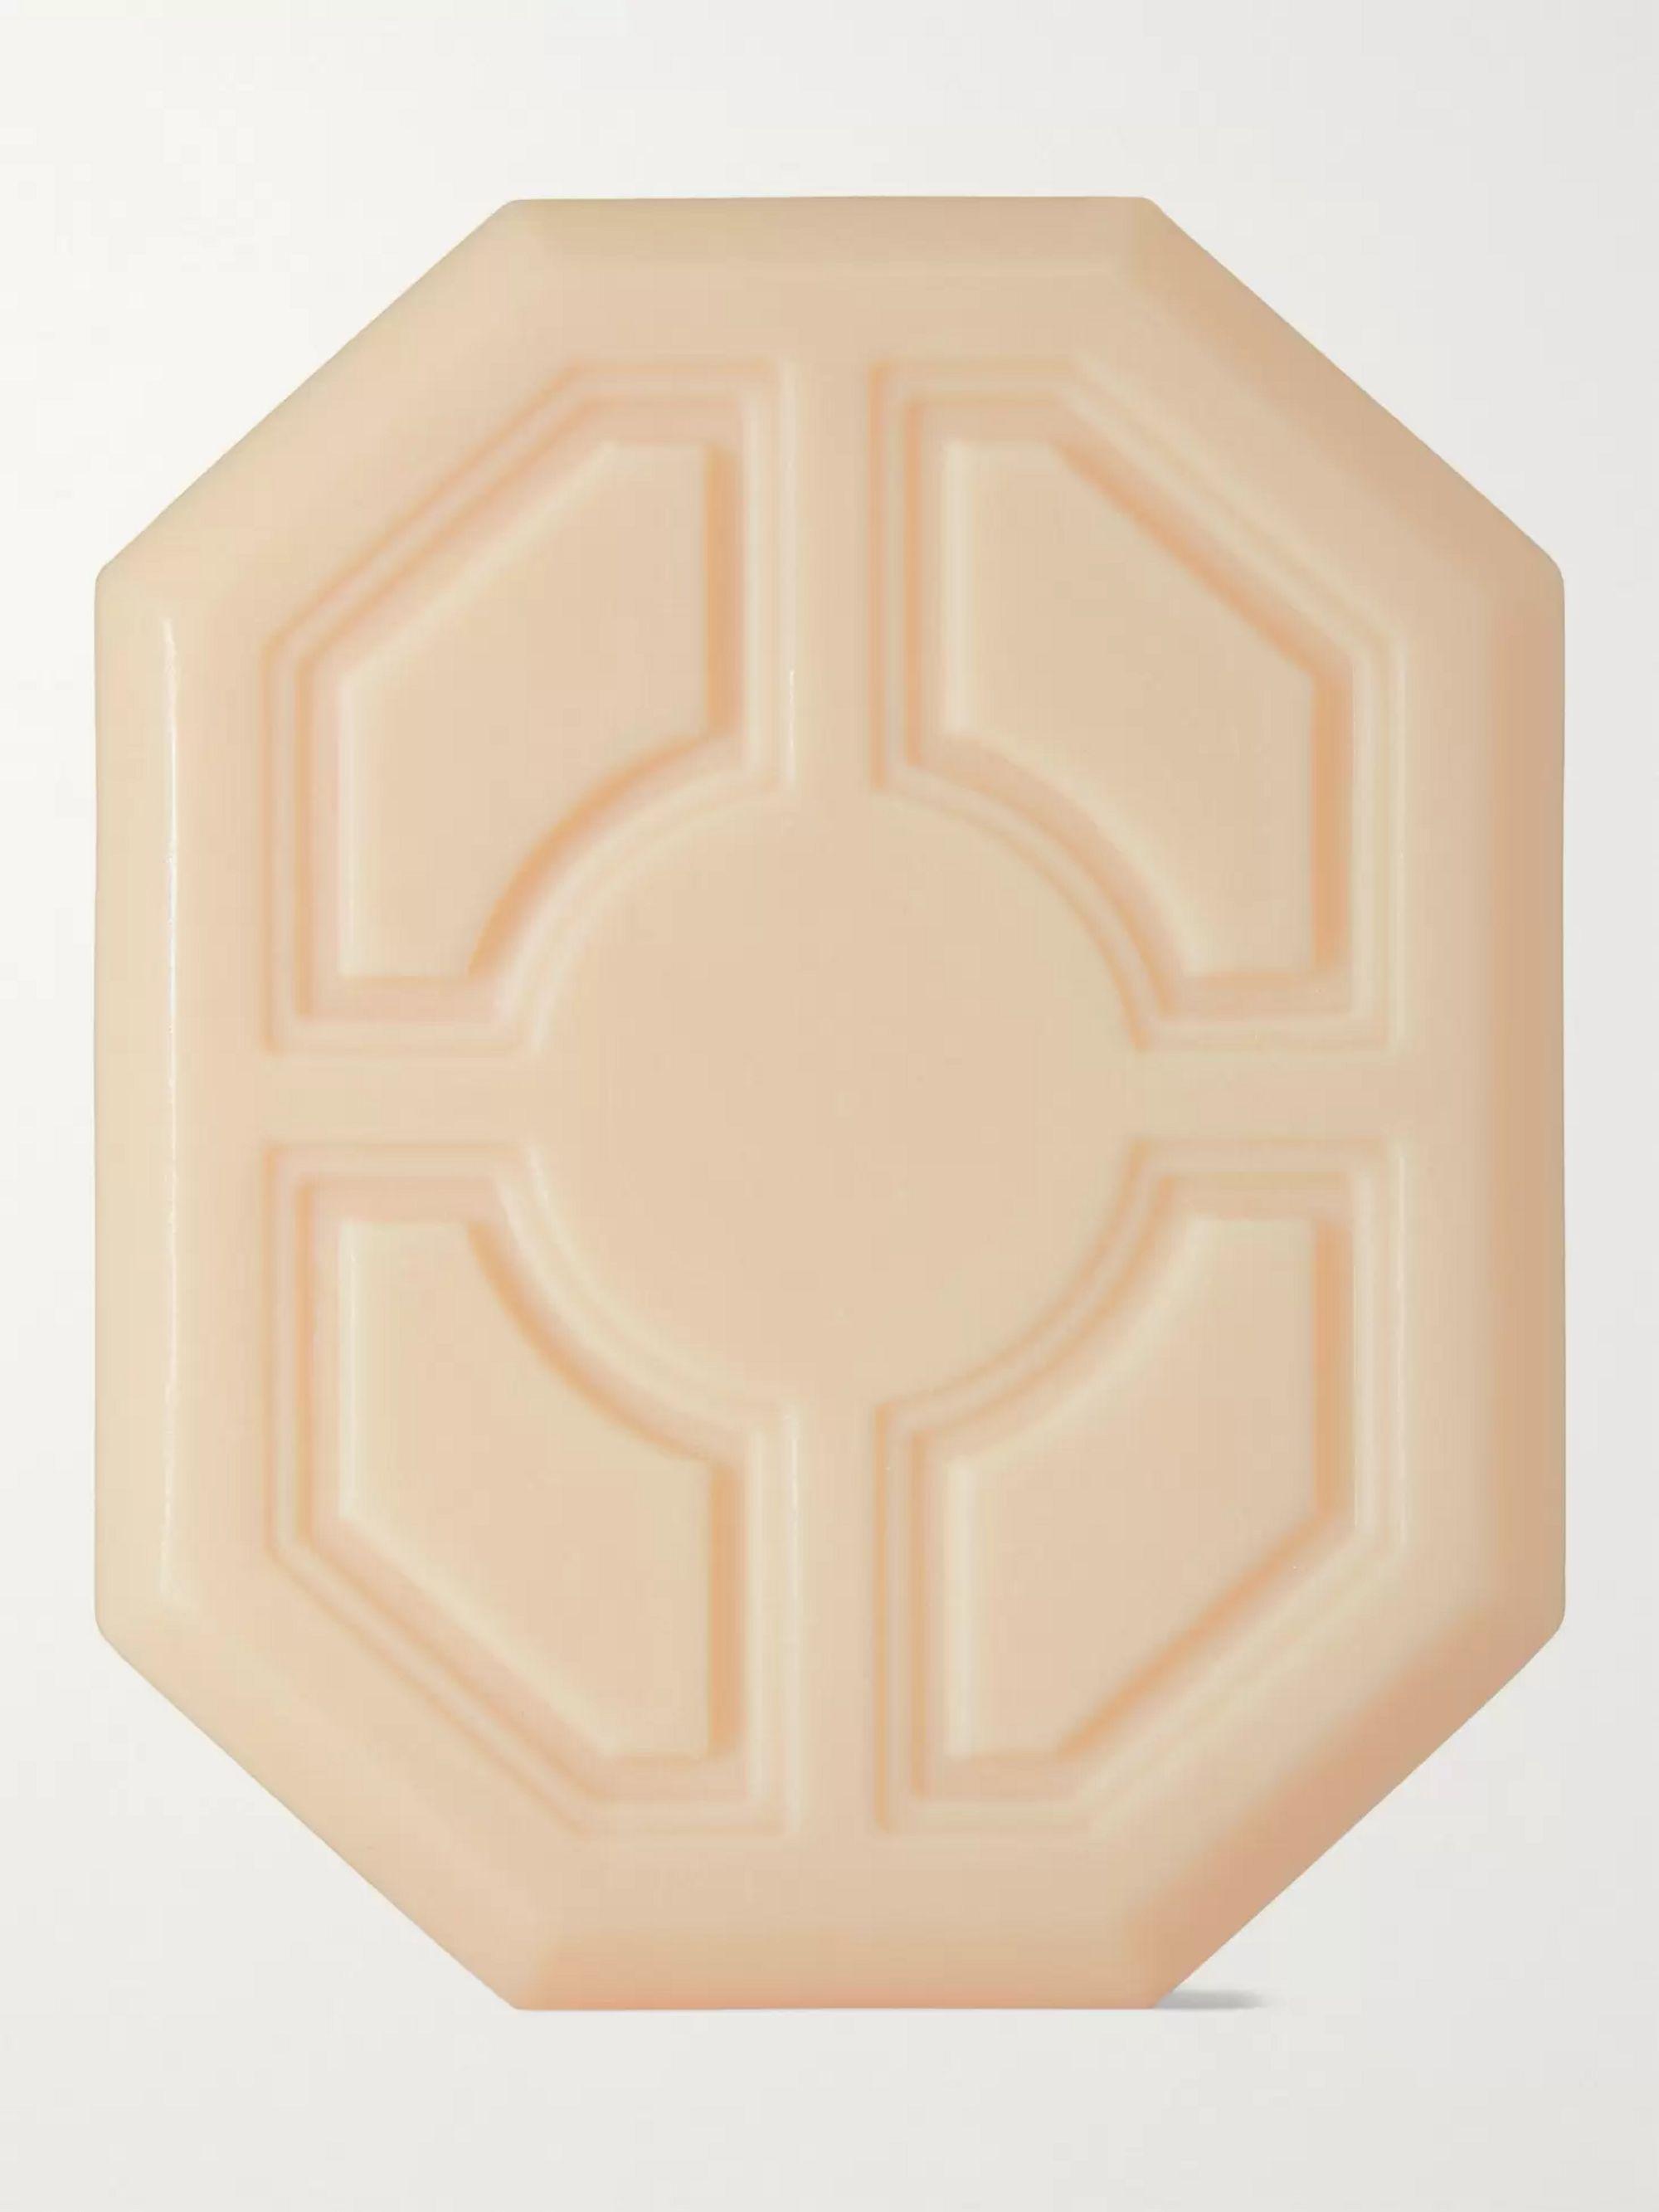 불리1803 사봉 수페팡 '멕시칸 튜베로즈' 비누 (150g) Buly 1803 Superfin Mexican Tuberose Soap